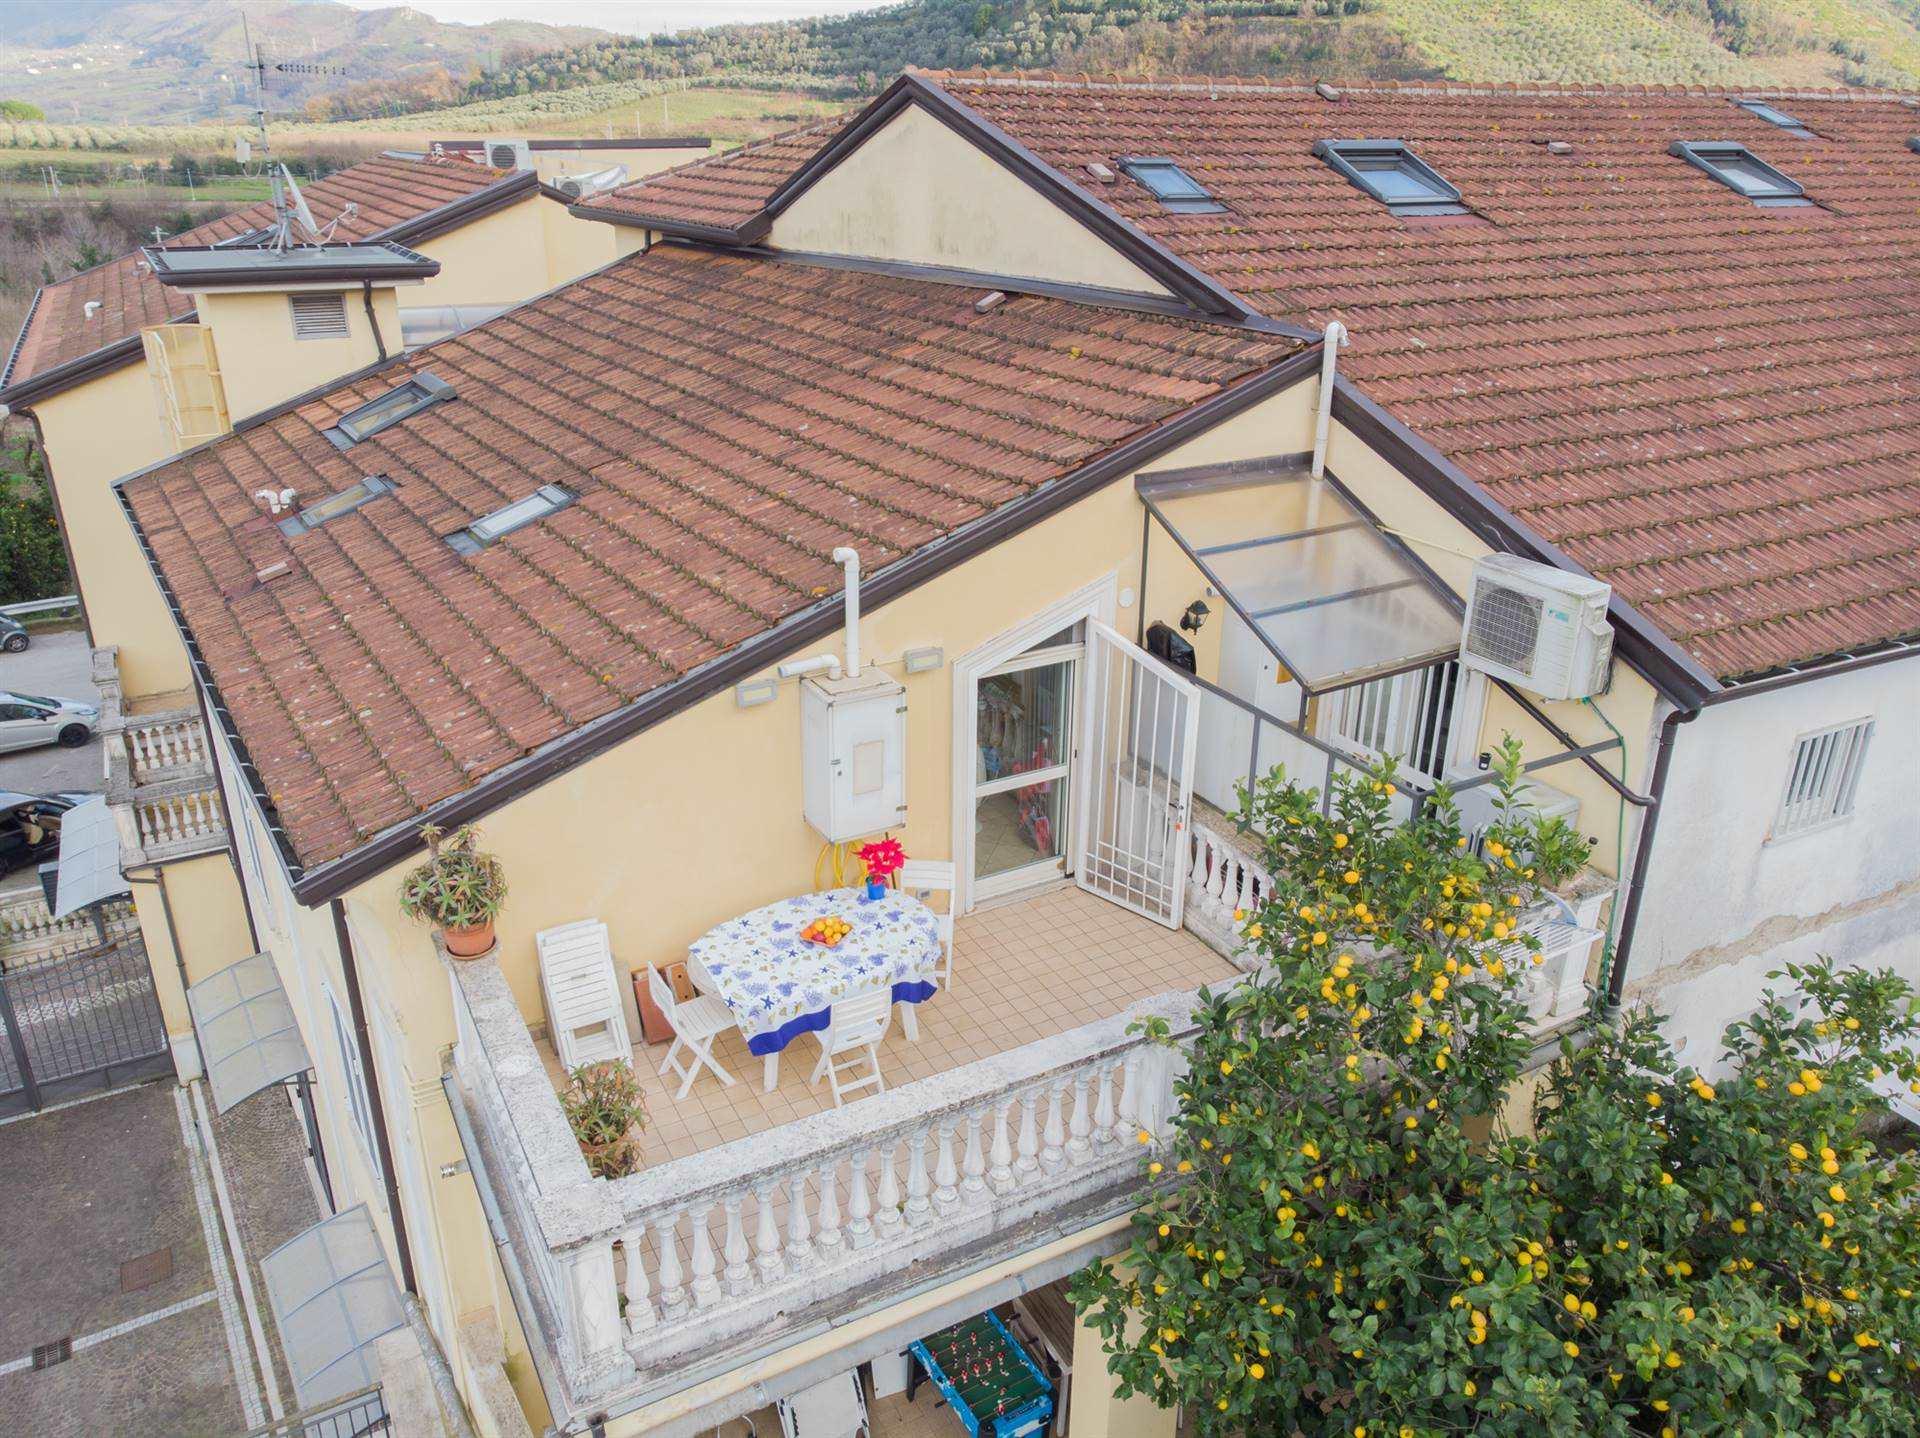 Appartamento in vendita a Salerno, 3 locali, zona Località: GIOVI, prezzo € 137.000 | PortaleAgenzieImmobiliari.it